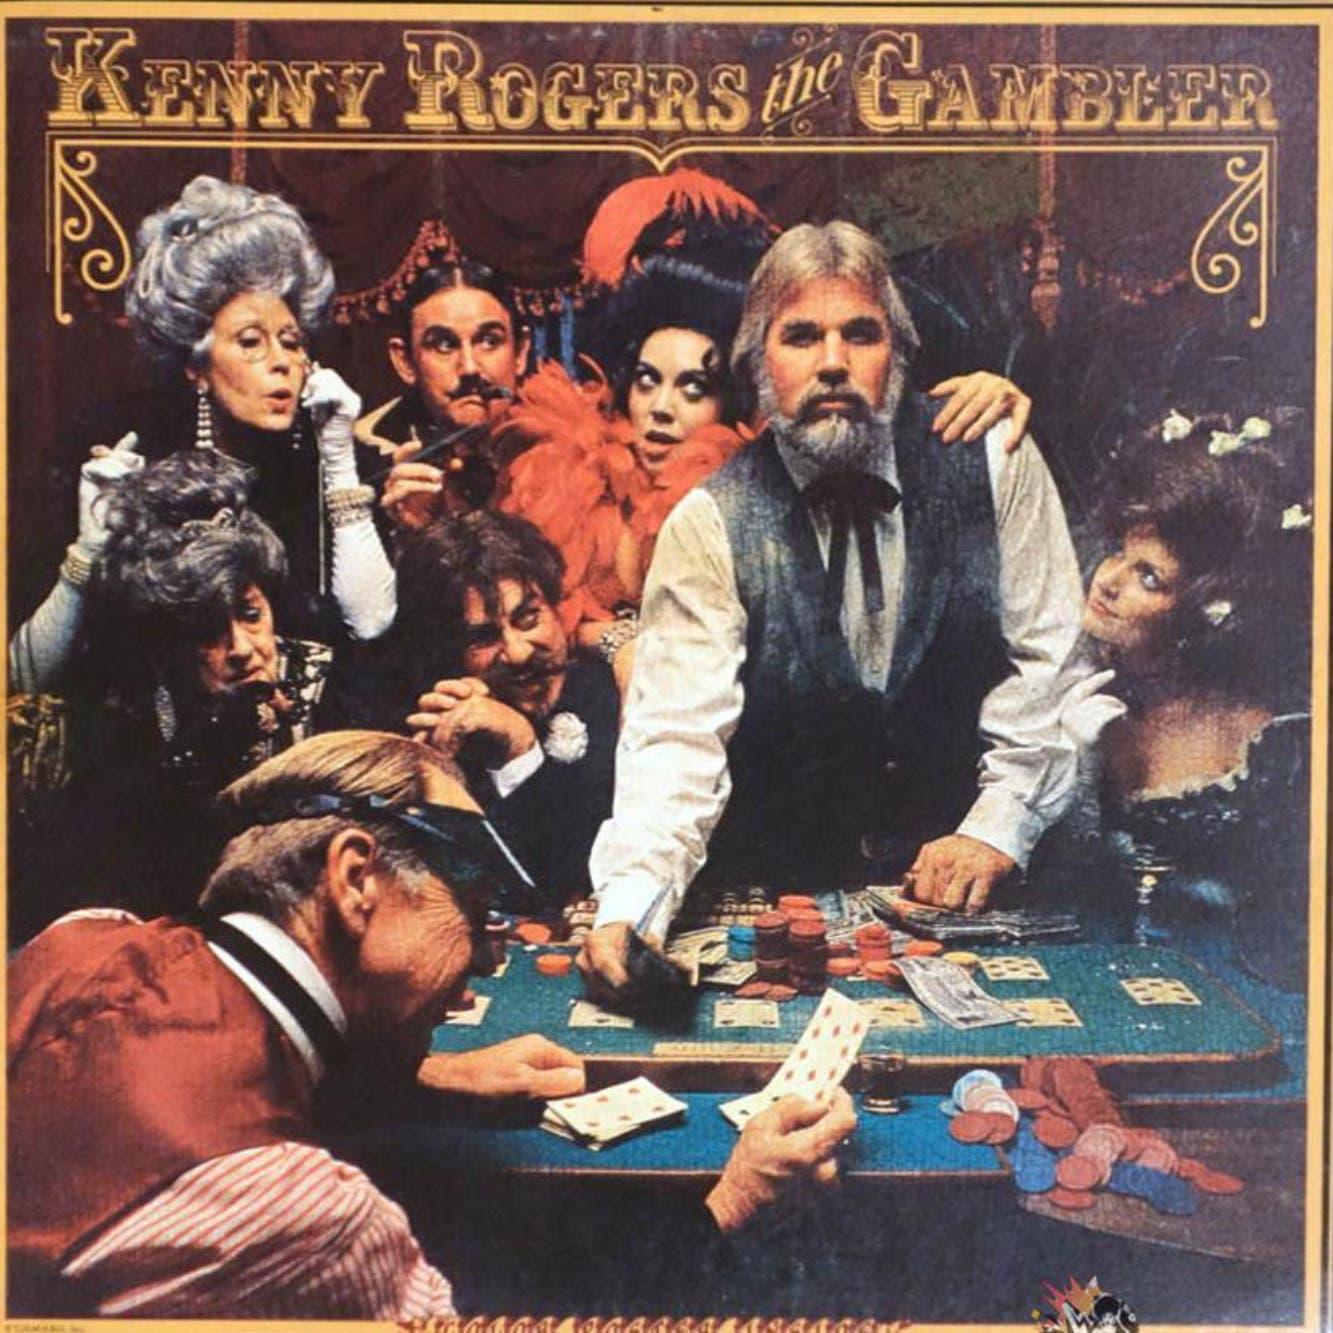 Kenny Rogers, la voz que llevó el country al pop